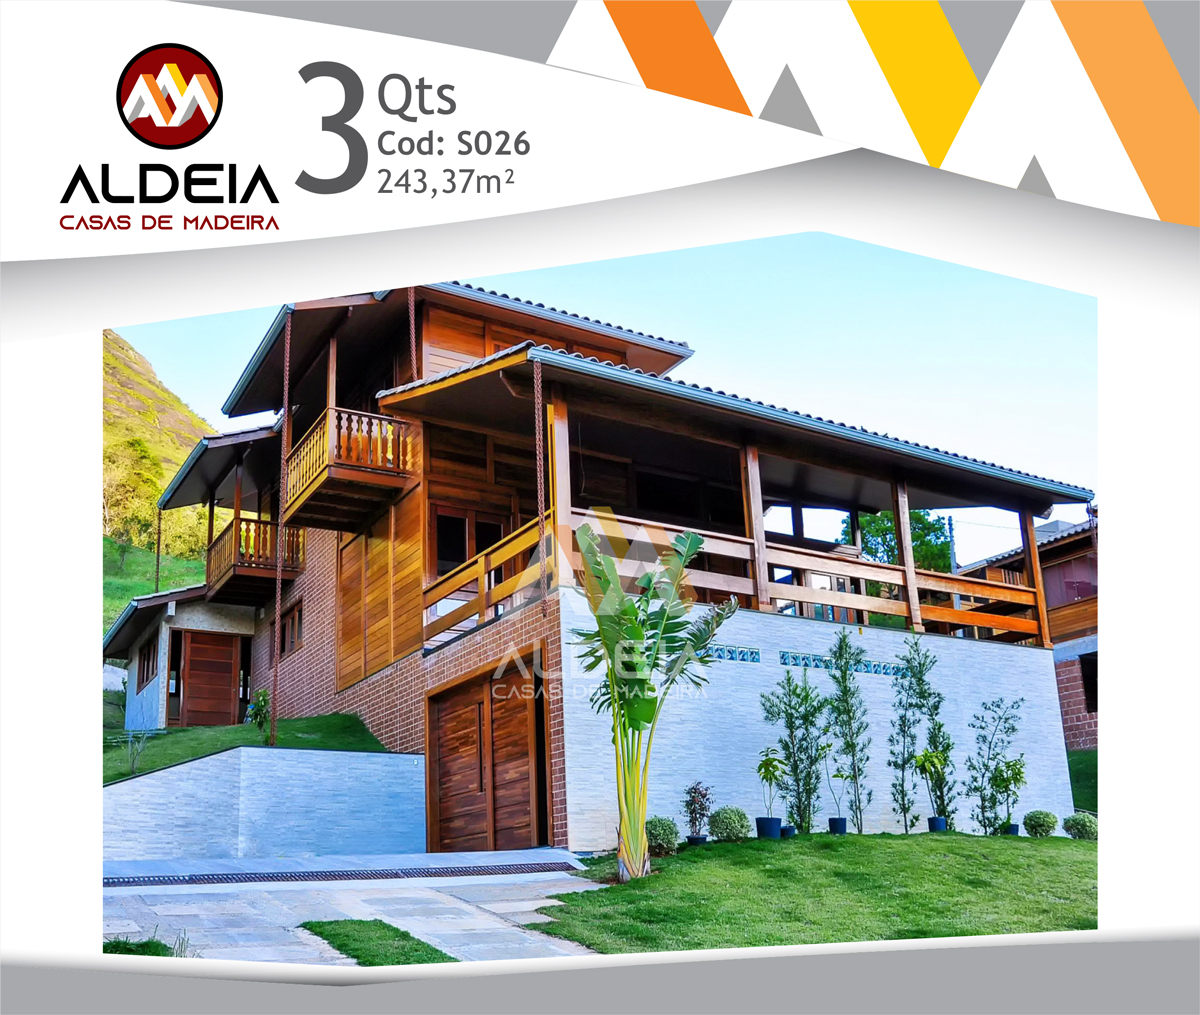 aldeia-casas-madeira-fachada-S026